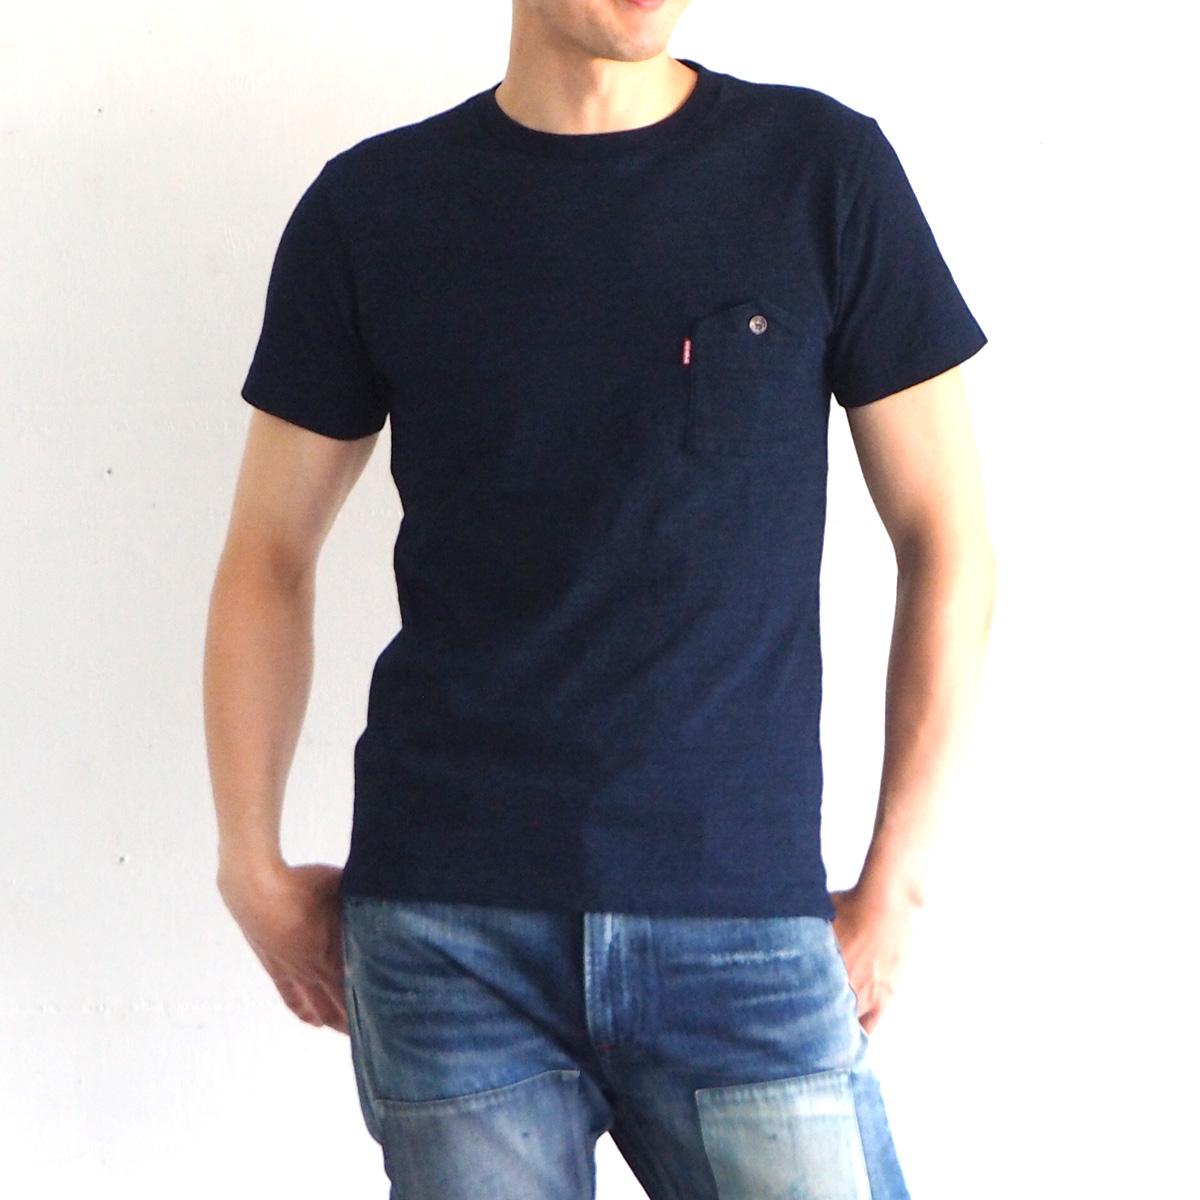 graphzero(グラフゼロ) インディゴロープ染色 山ポケット クルーネックTシャツ メンズ [GZ-IDTC-0104-MENS]